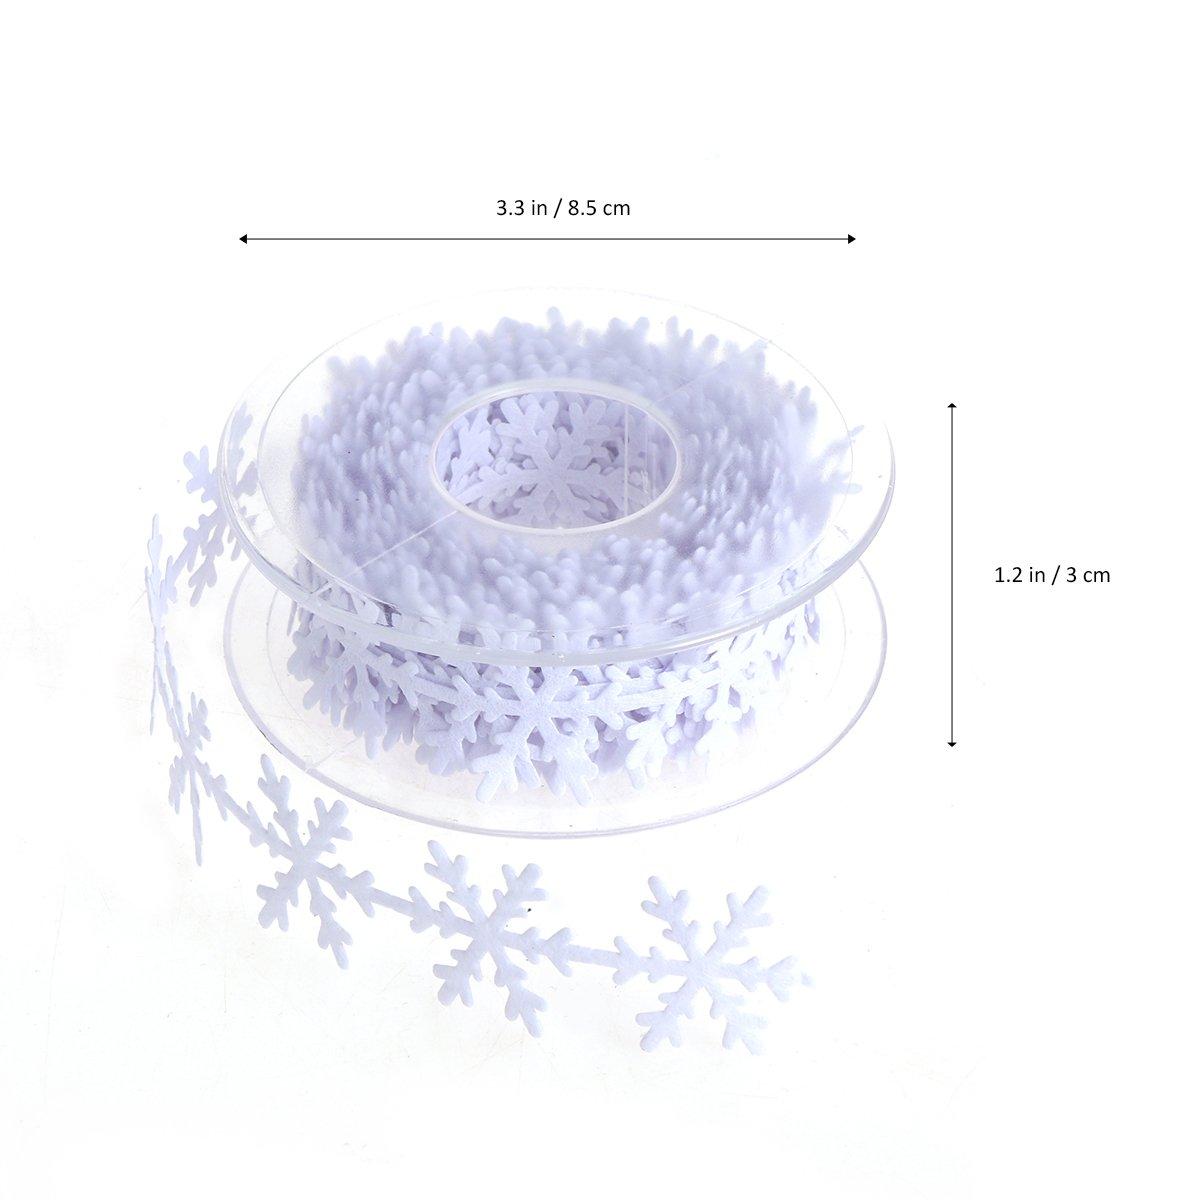 Color Blanco bestoyard Copo de nieve banda decorativa banda Punta Borte stoffband costura Manualidades